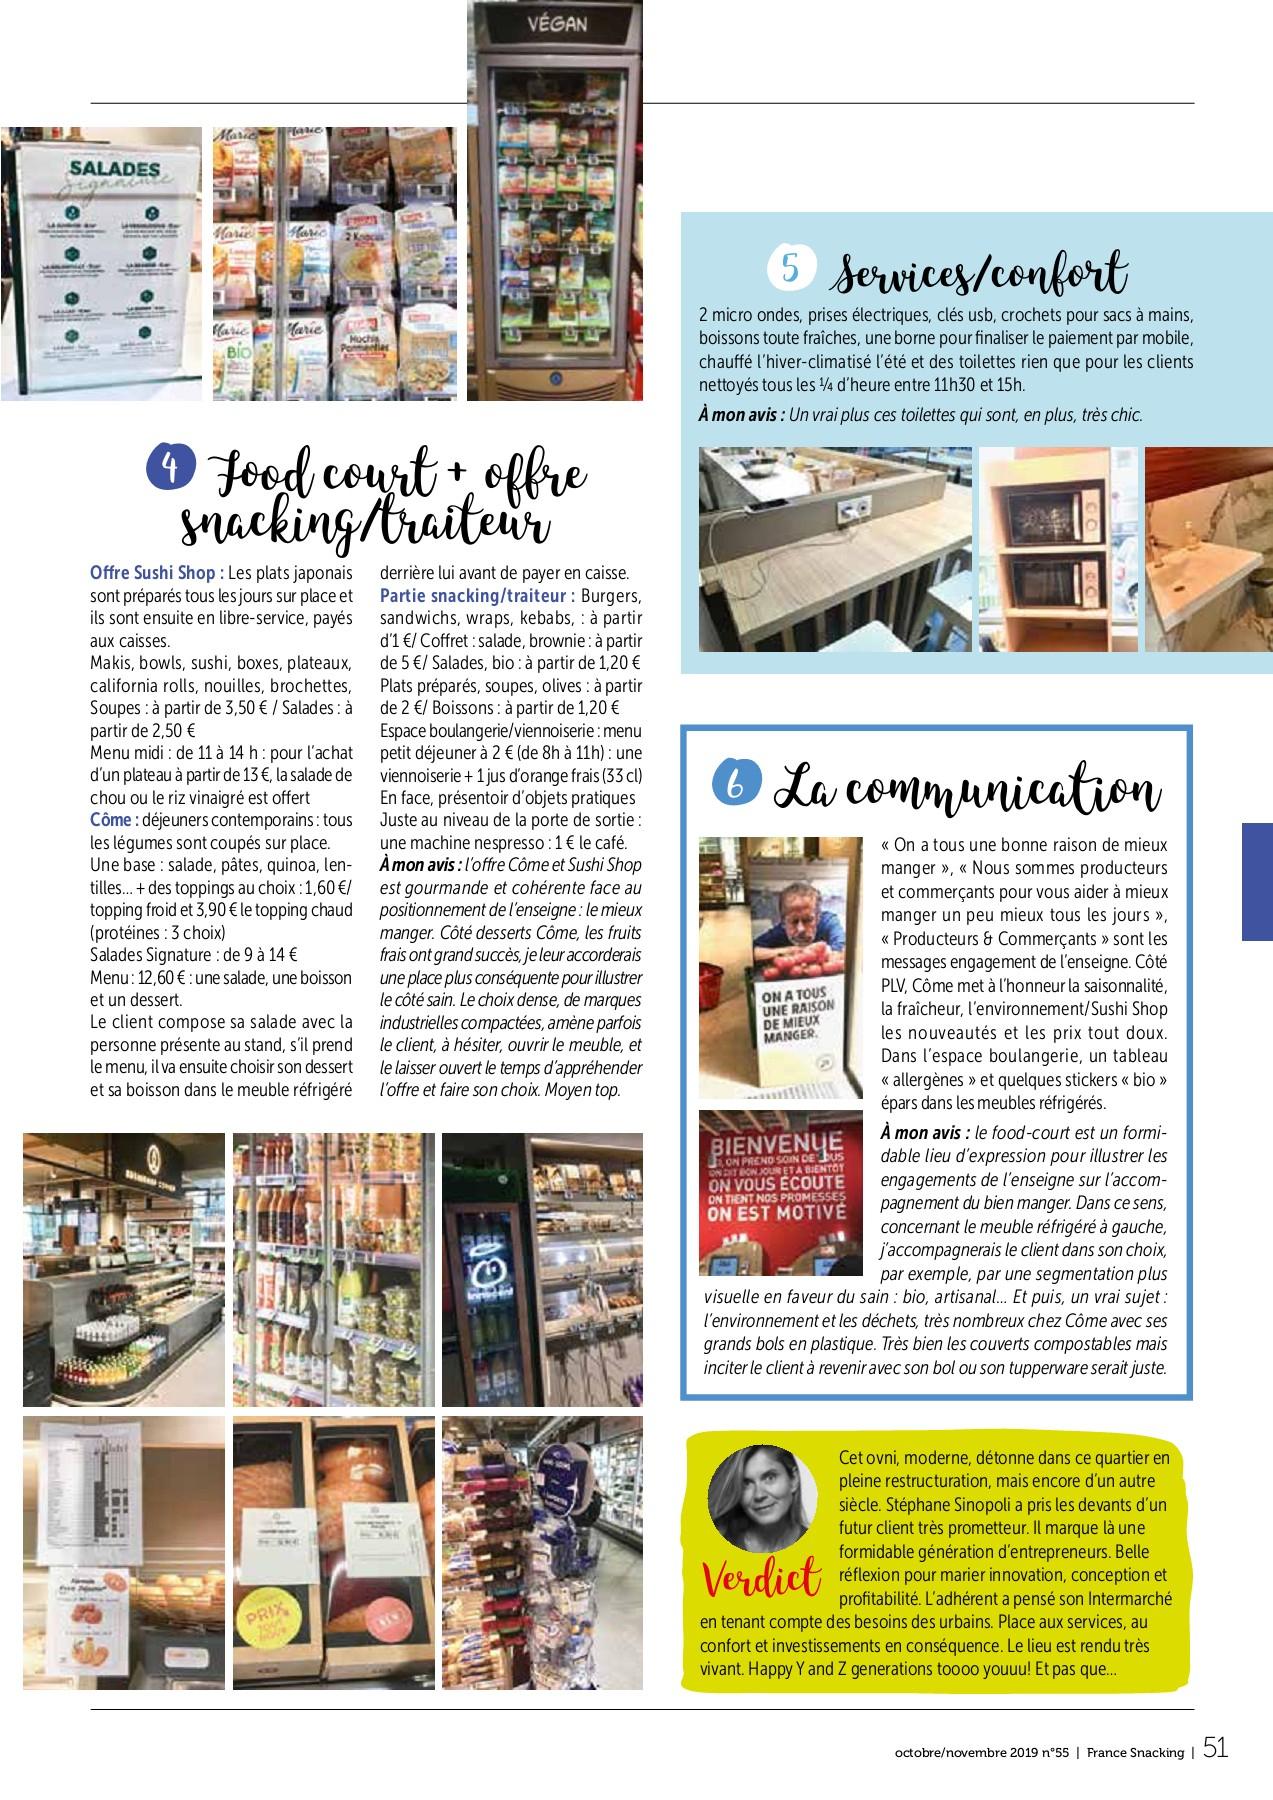 20 Best Of Salon Jardin Intermarche | Salon Jardin pour Table De Jardin Intermarché